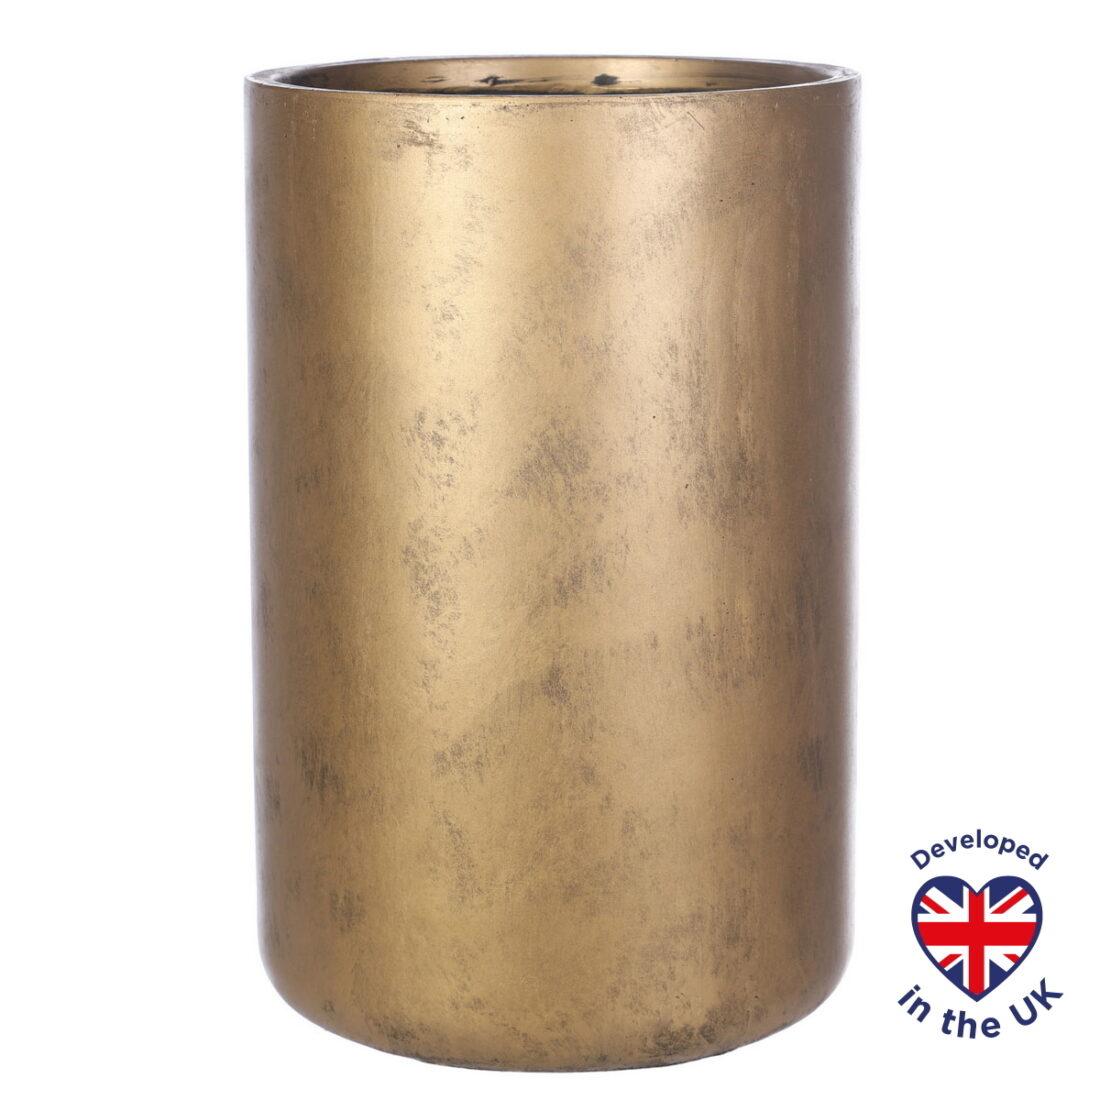 Напольное кашпо для цветов Idealist Lite Крисмас, круглое, золотистое, Д32 В50 см, 40.2 л